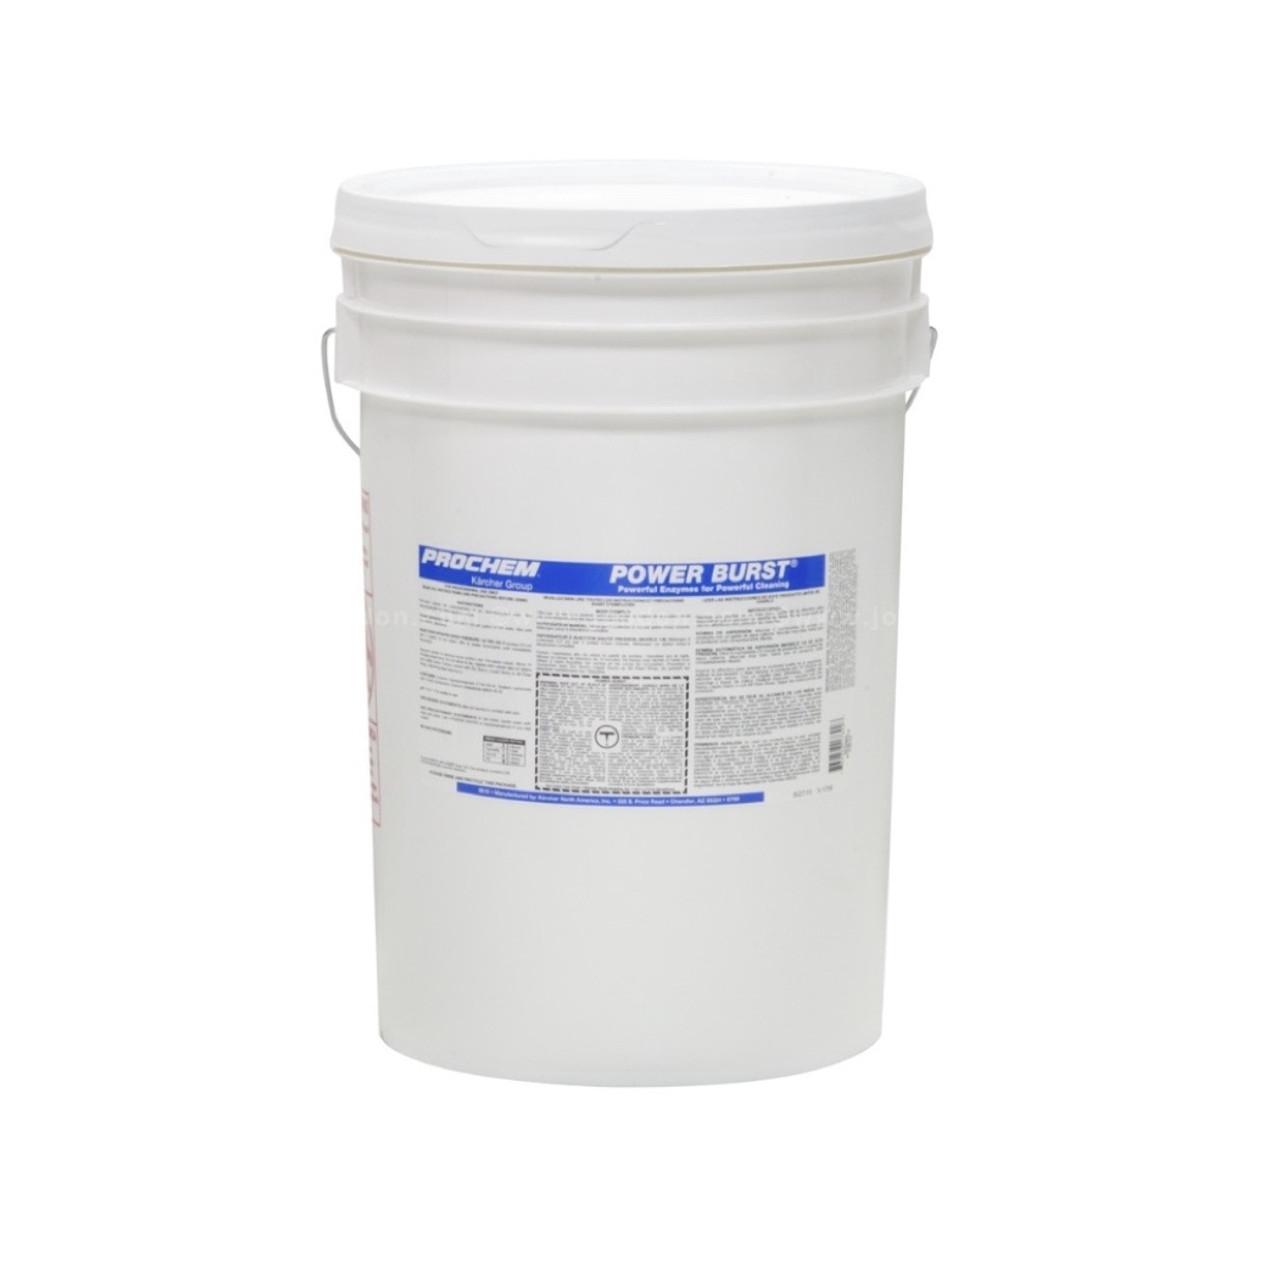 Prochem Power Burst 48# Pail - High PH Enzyme Pre-Spray